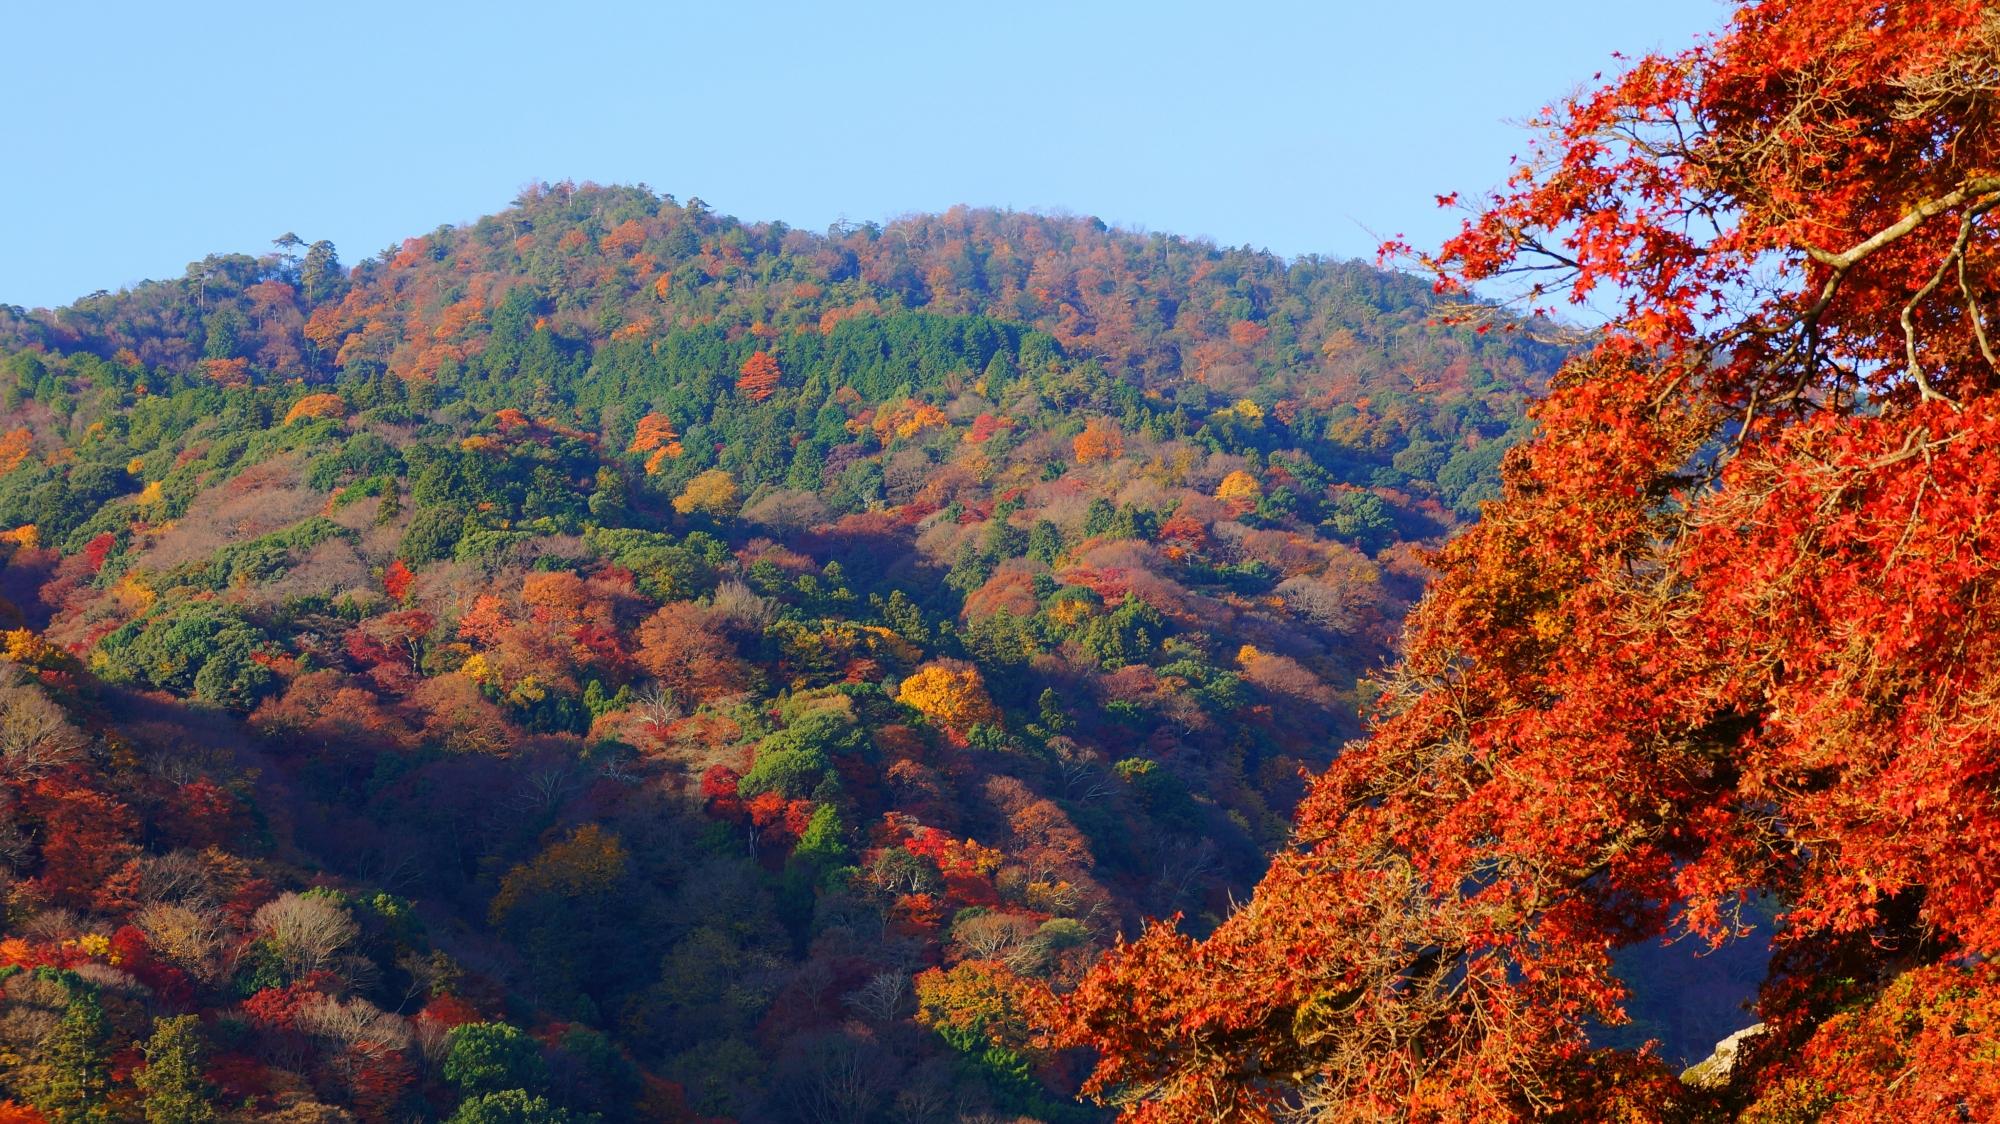 嵐山を染める桂川沿いの鮮やかな紅葉